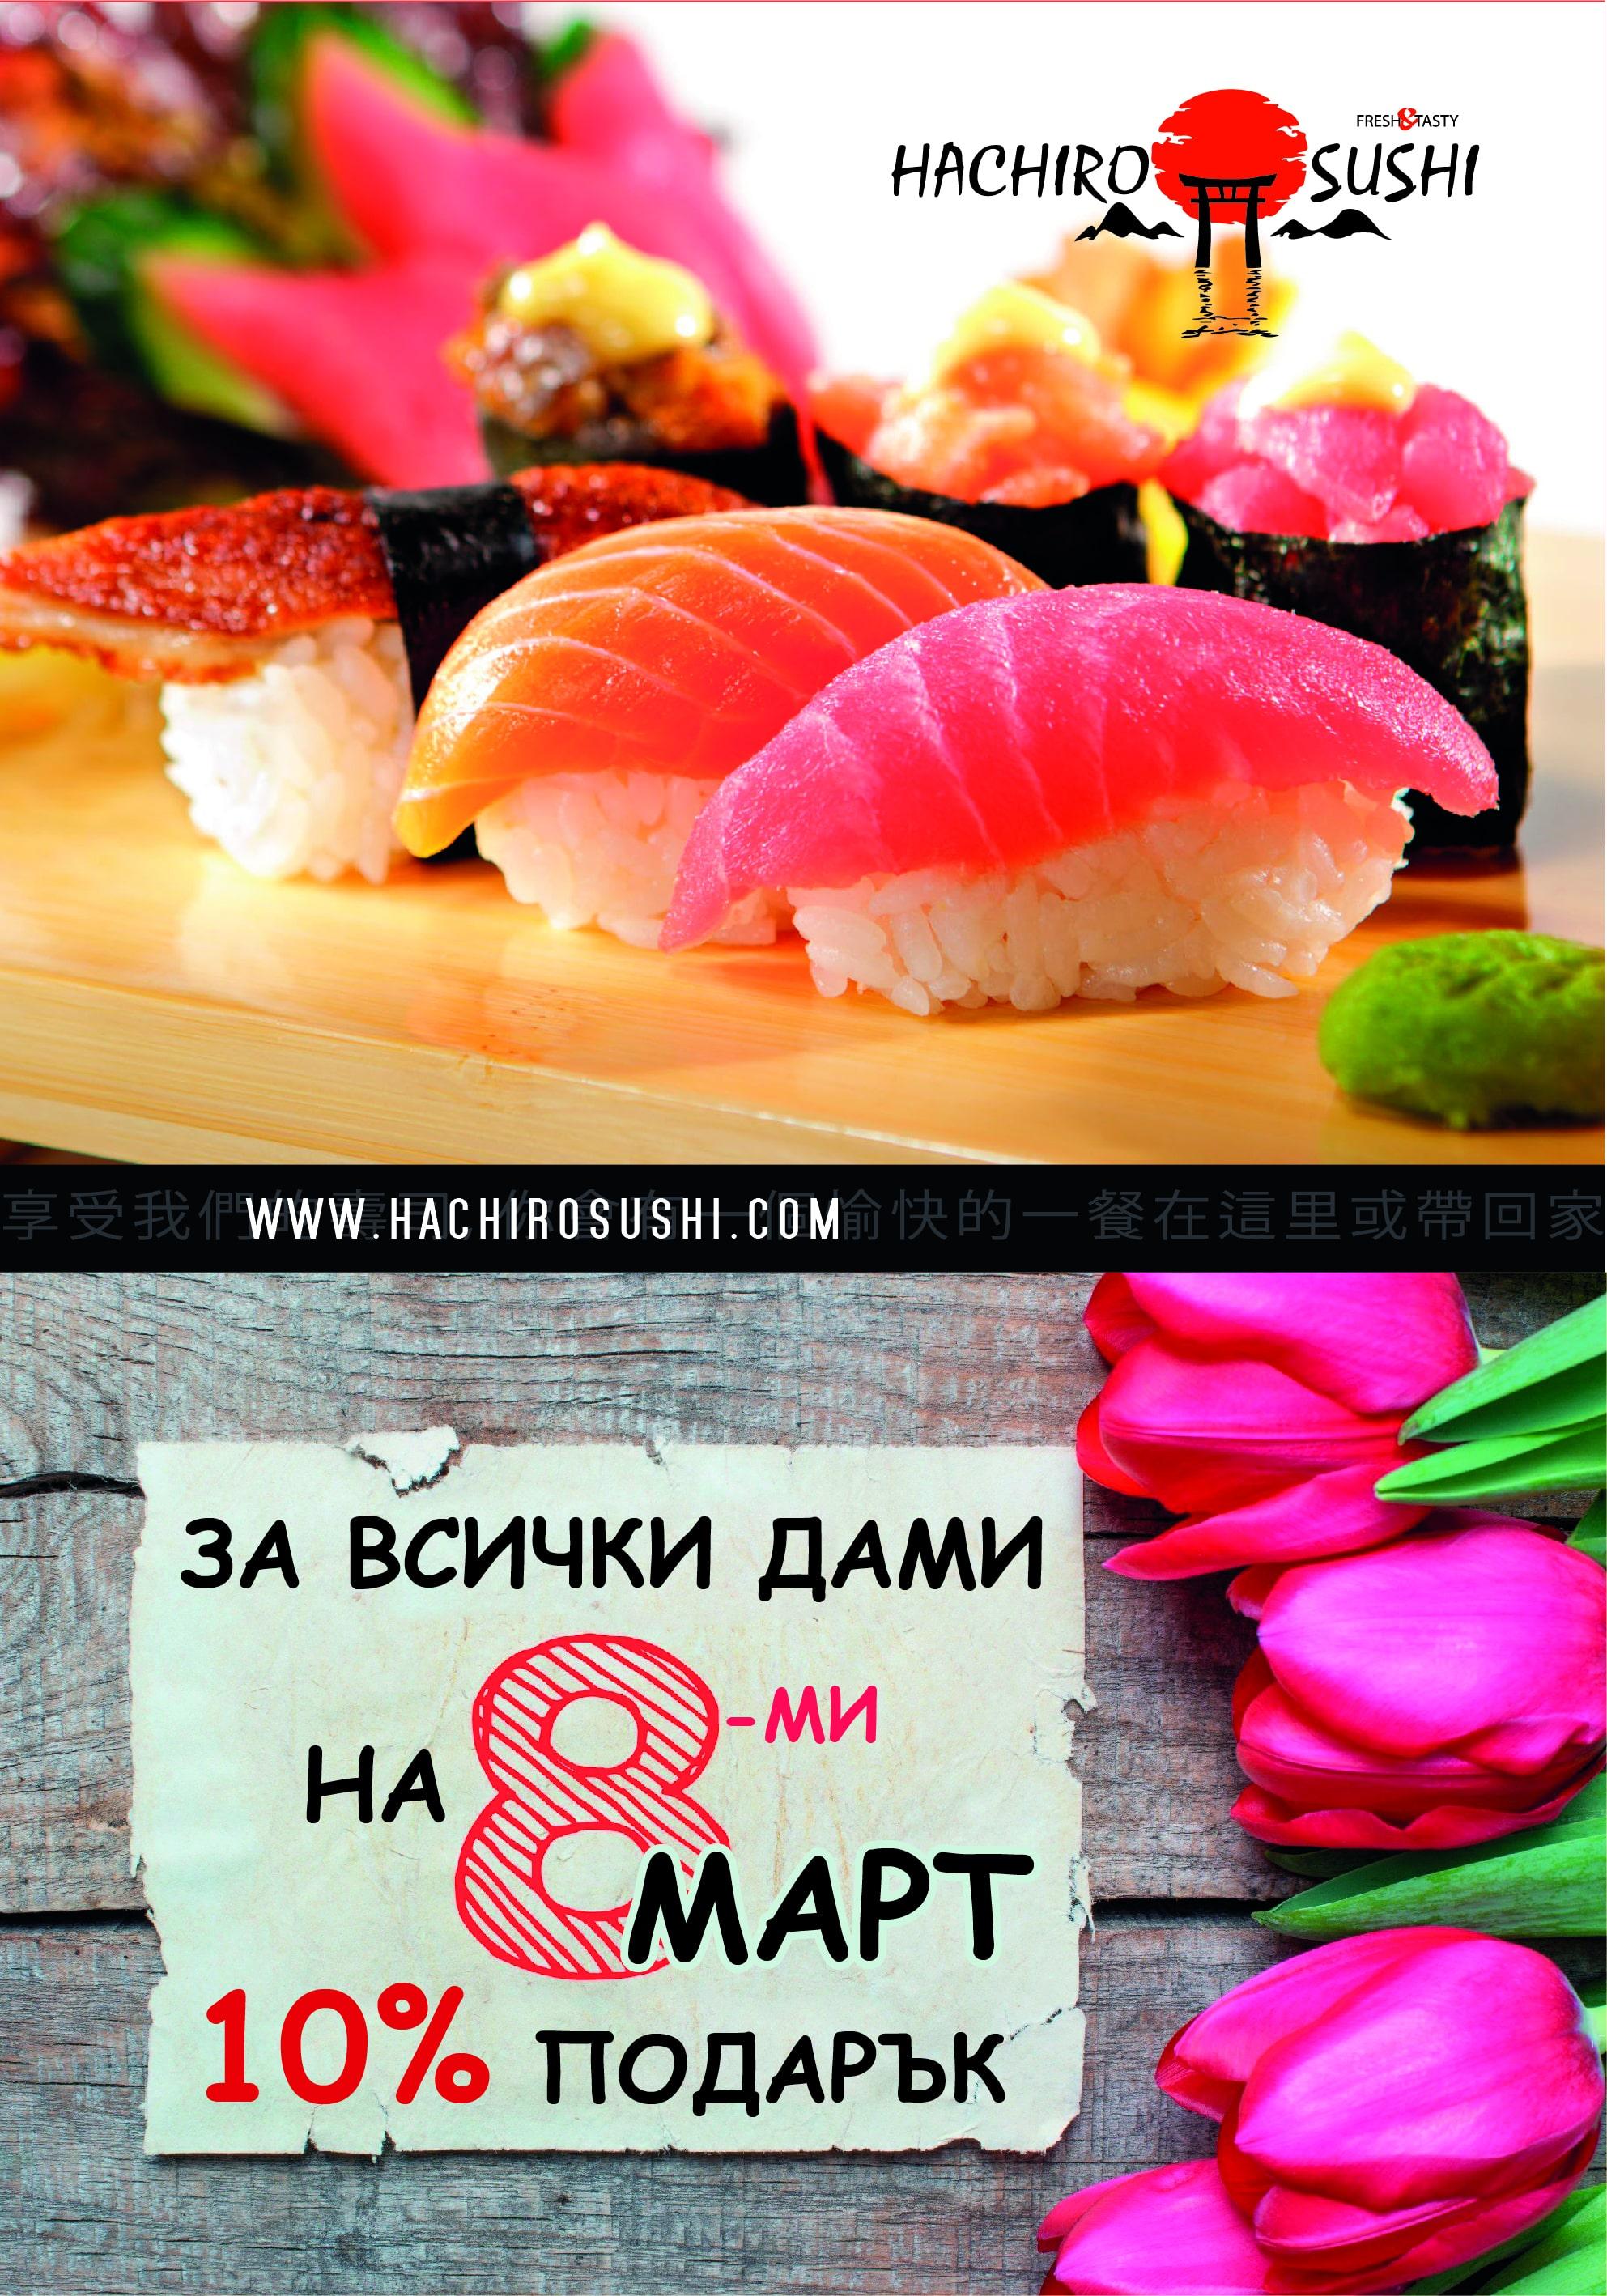 Дами черпят в Hachiro Sushi